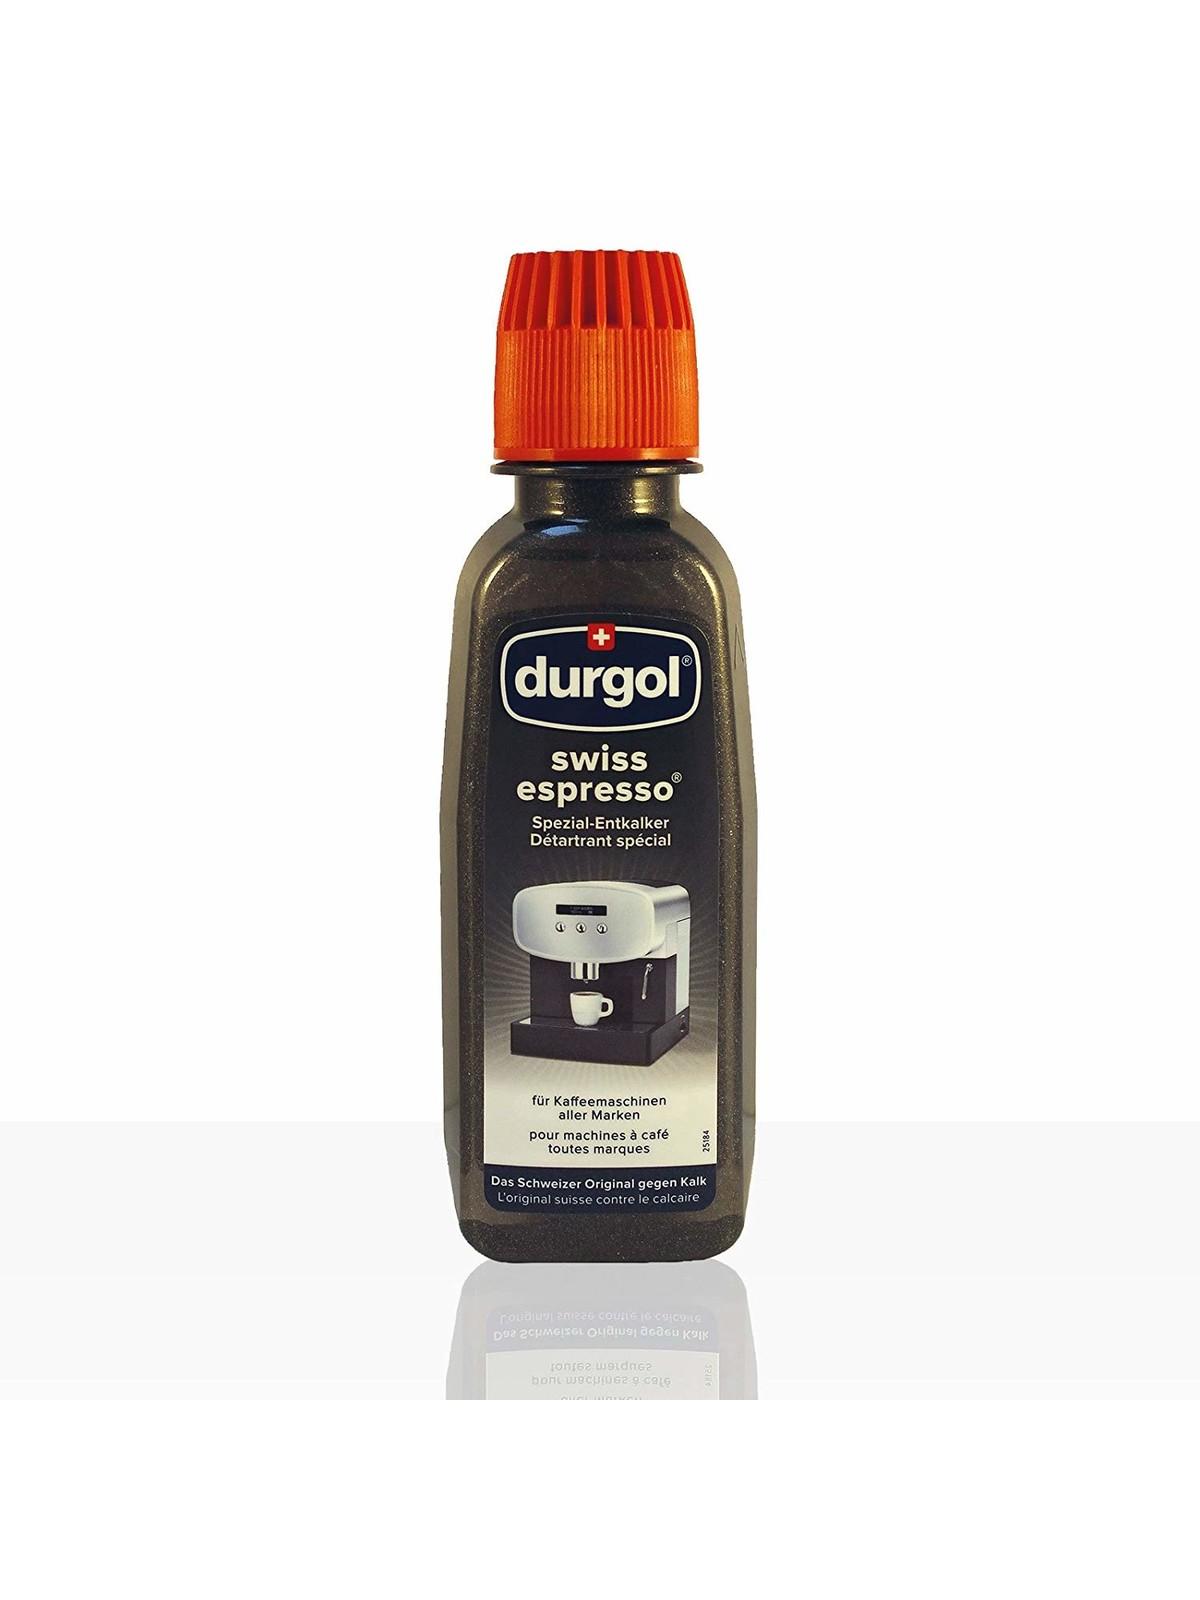 DURGOL Swiss Espresso (2 x 125 ml)